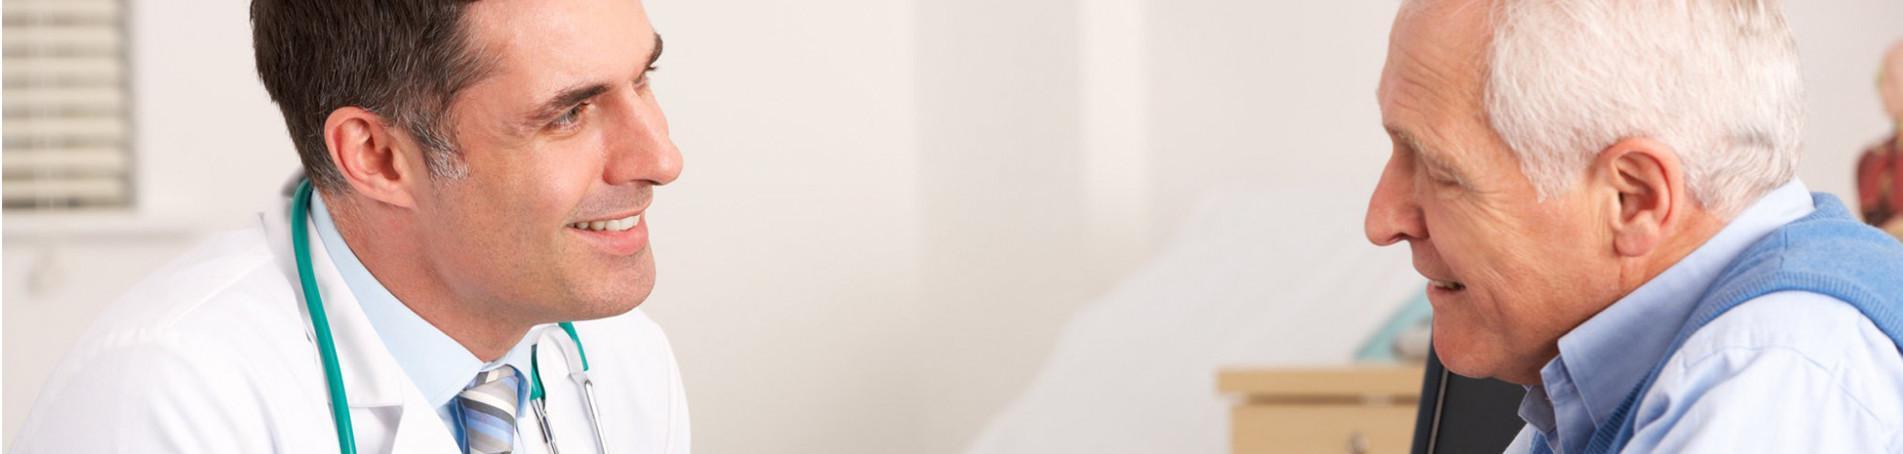 Клиника метастазов в кости при раке предстательной железы